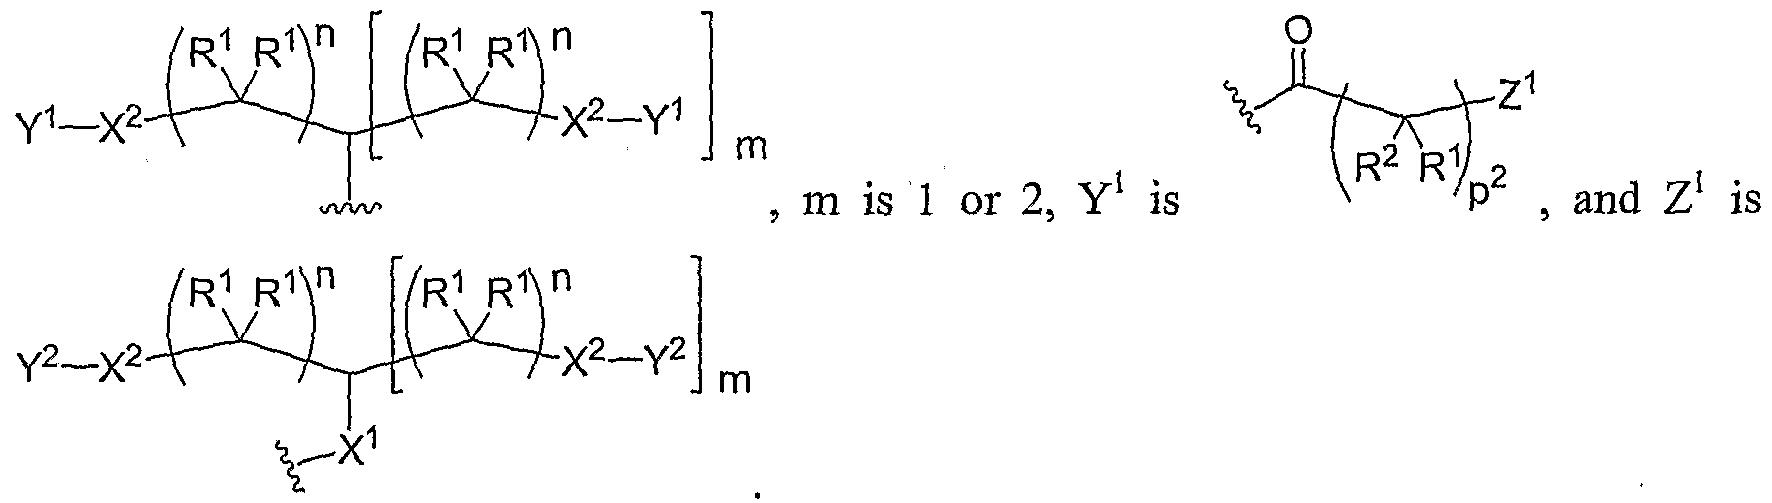 Figure imgf000316_0004